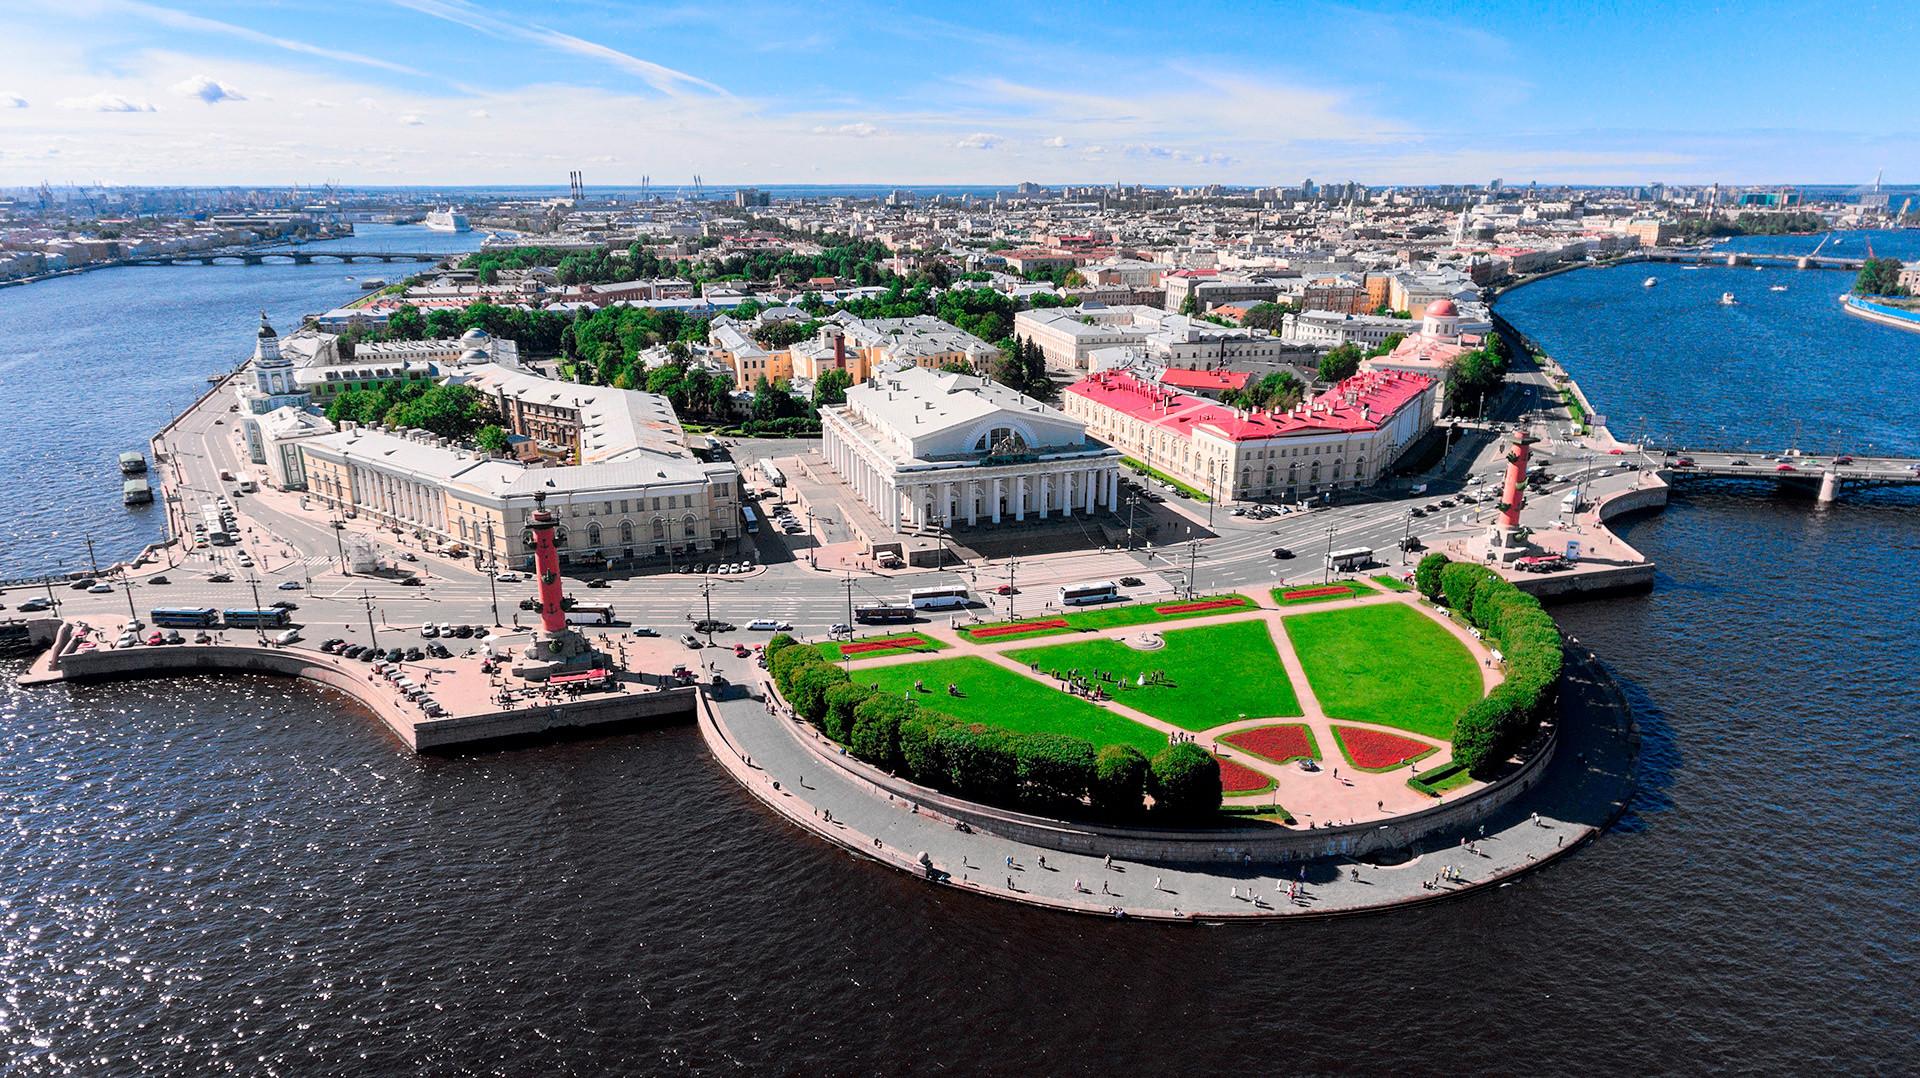 ヴァシリエフスキー島、サンクトペテルブルク